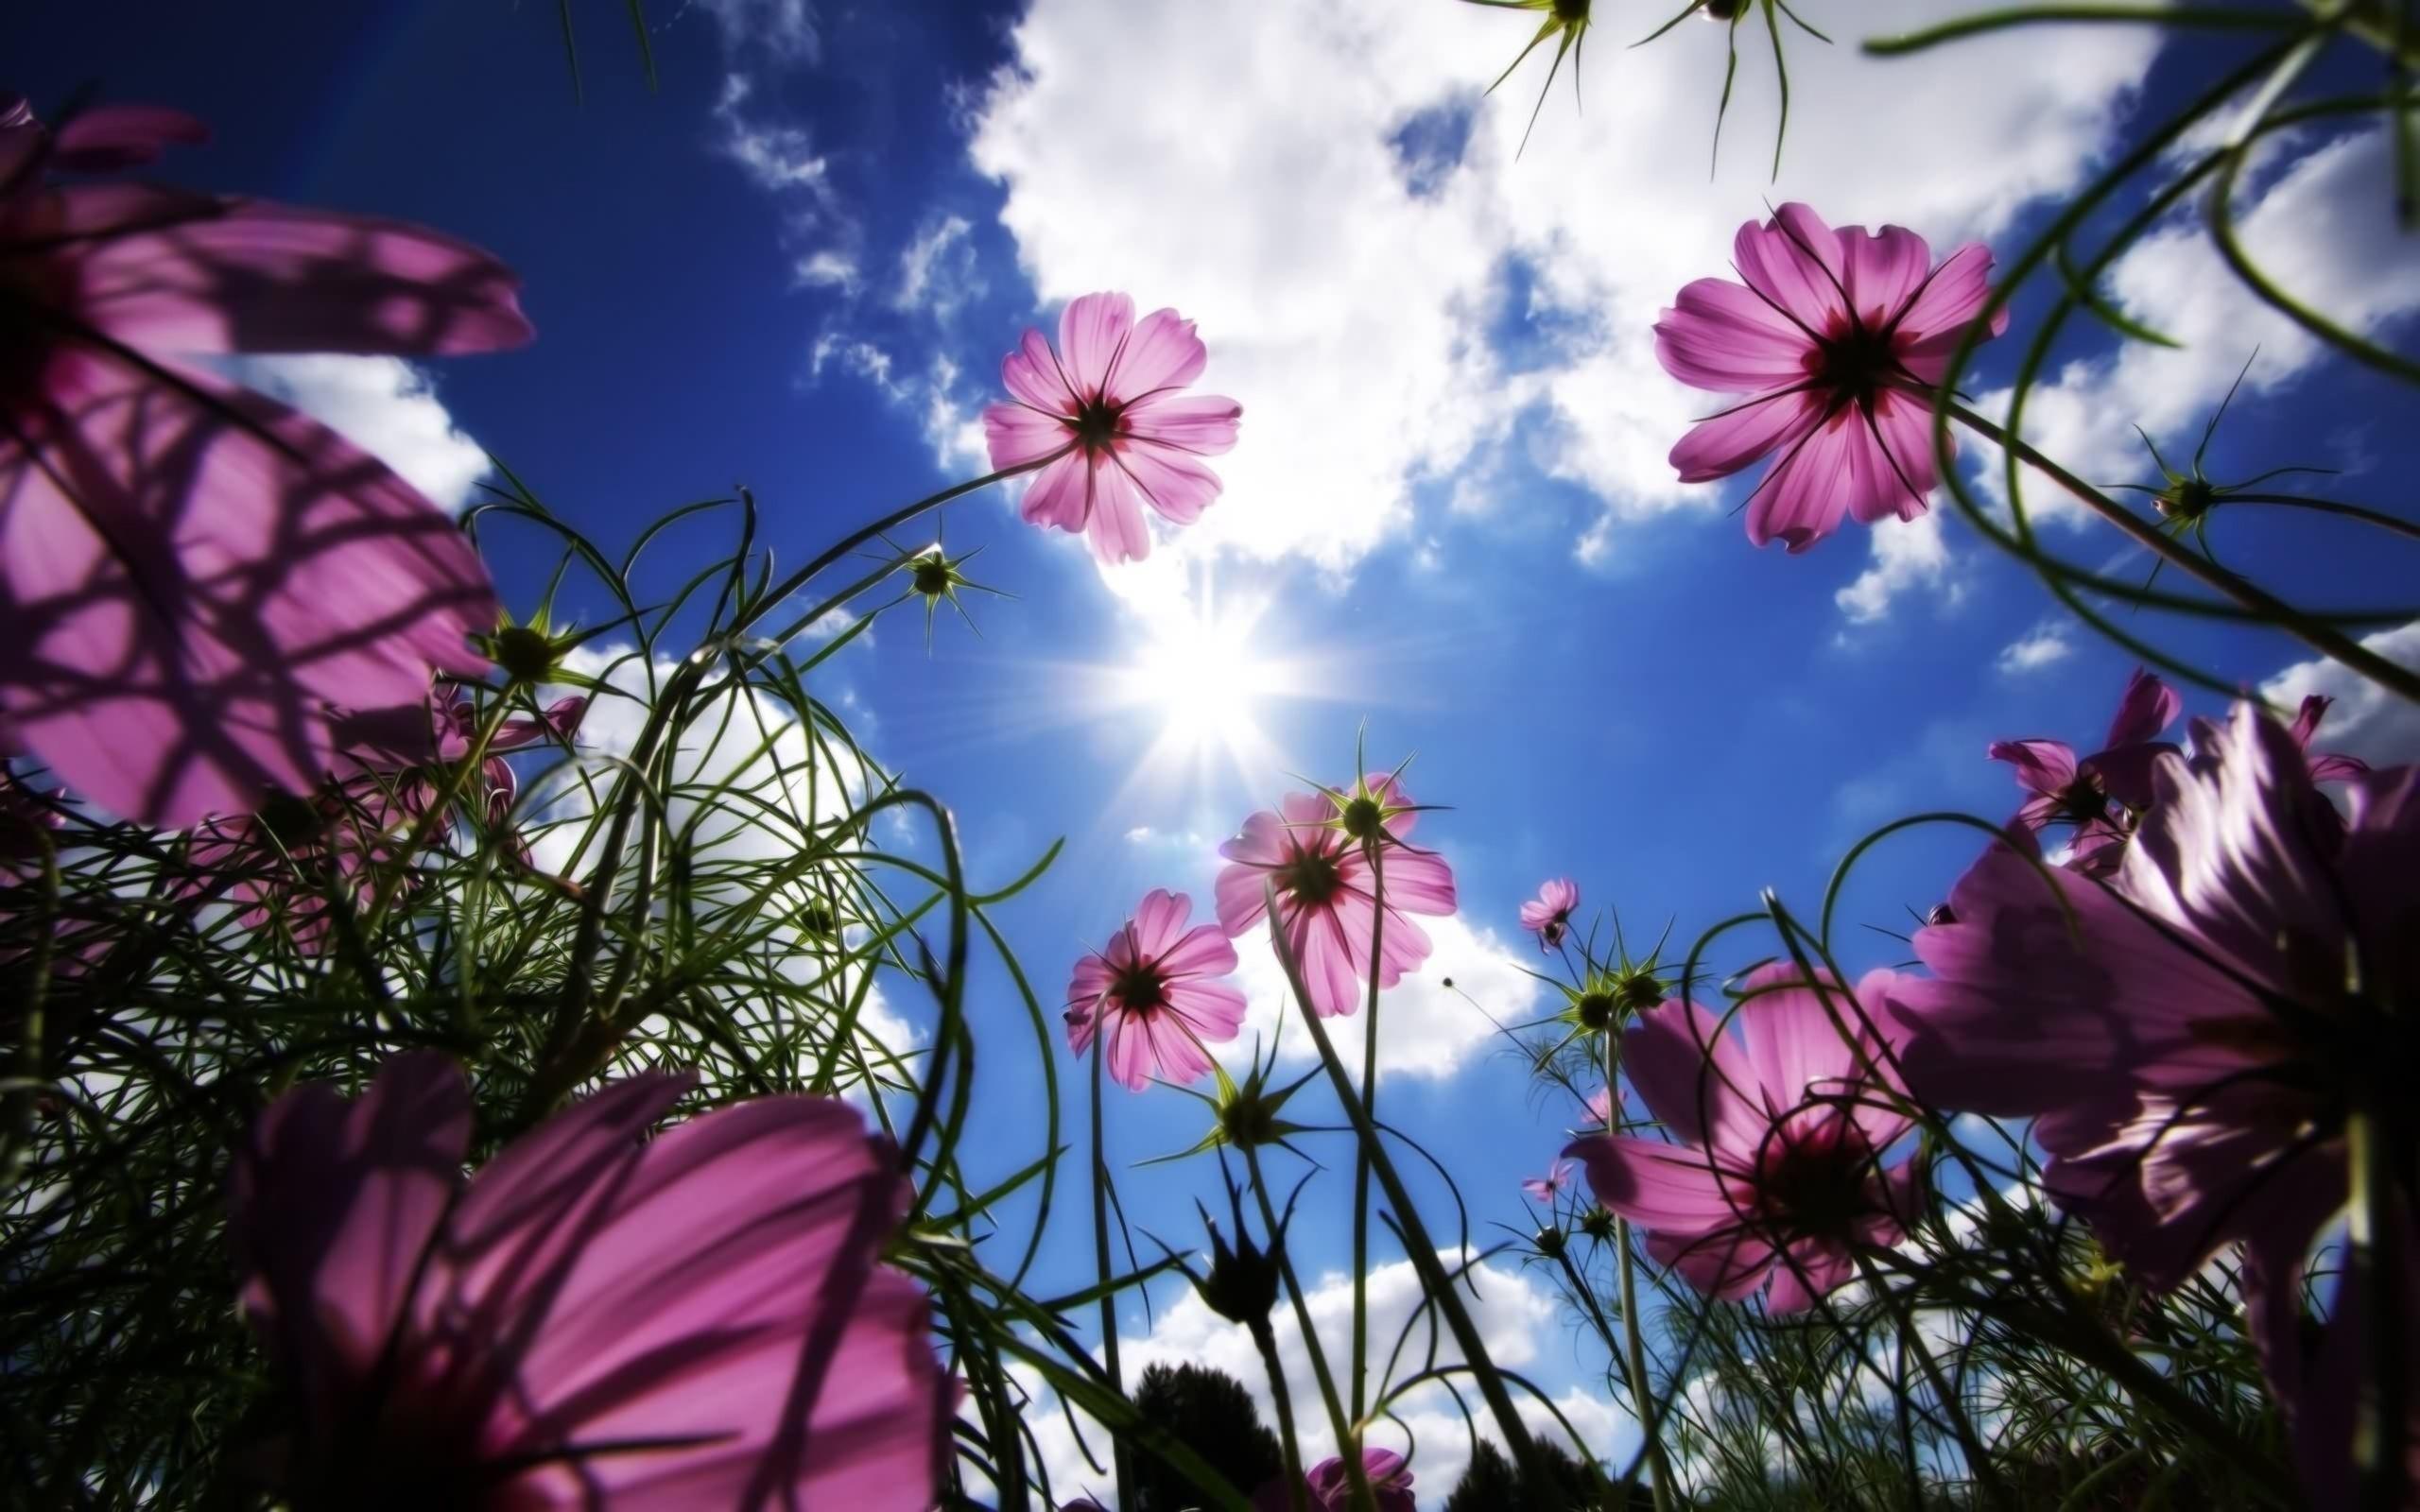 Çiçekler ve gökyüzü-84